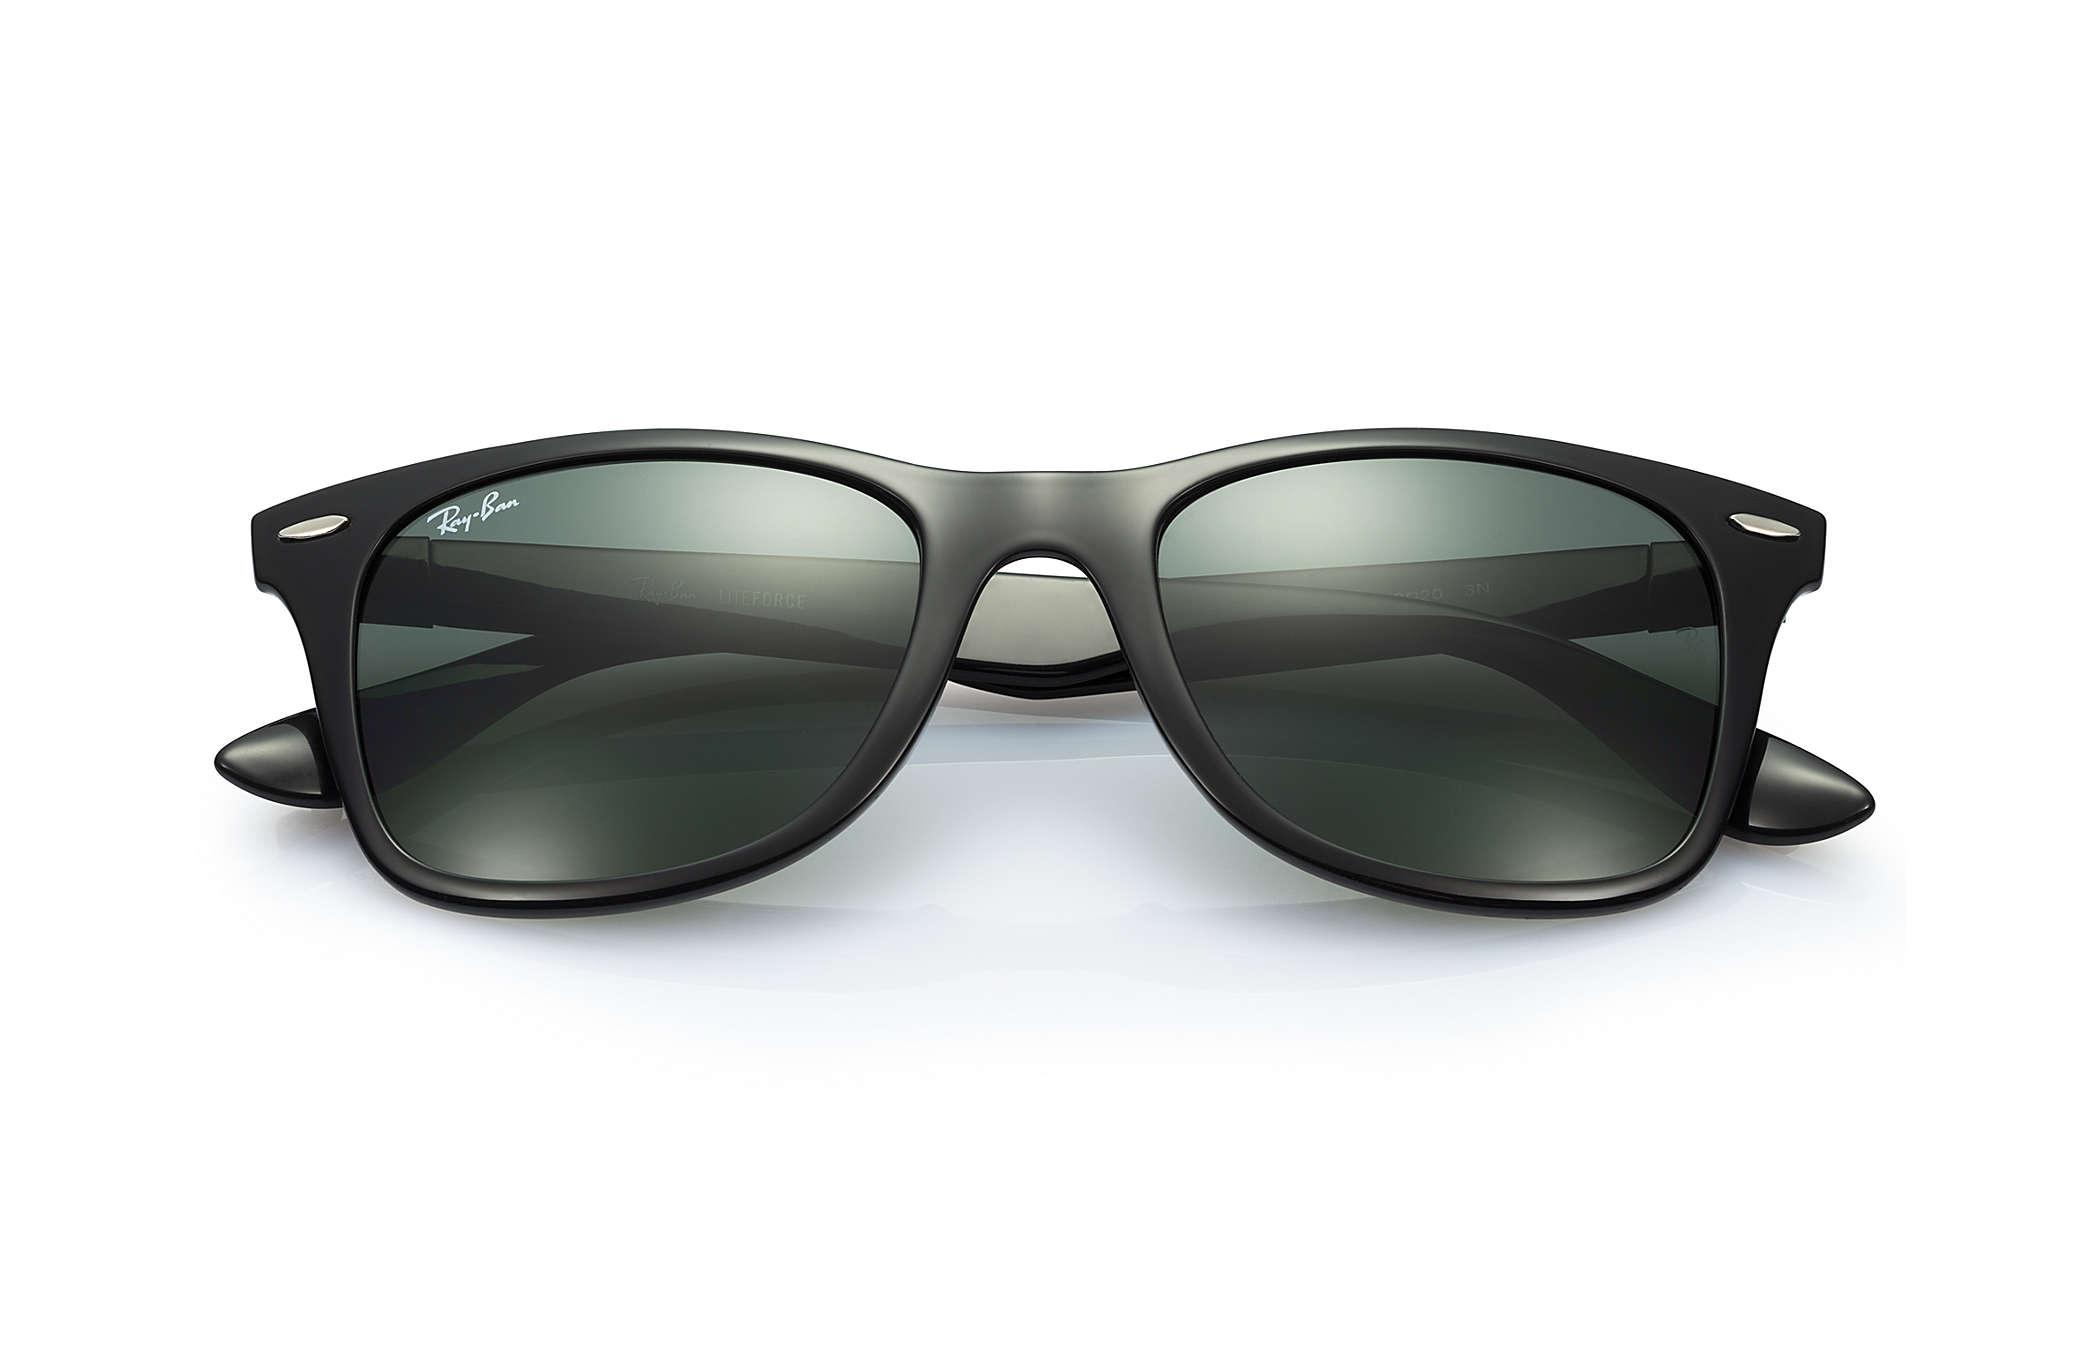 ray ban aviator liteforce matte black